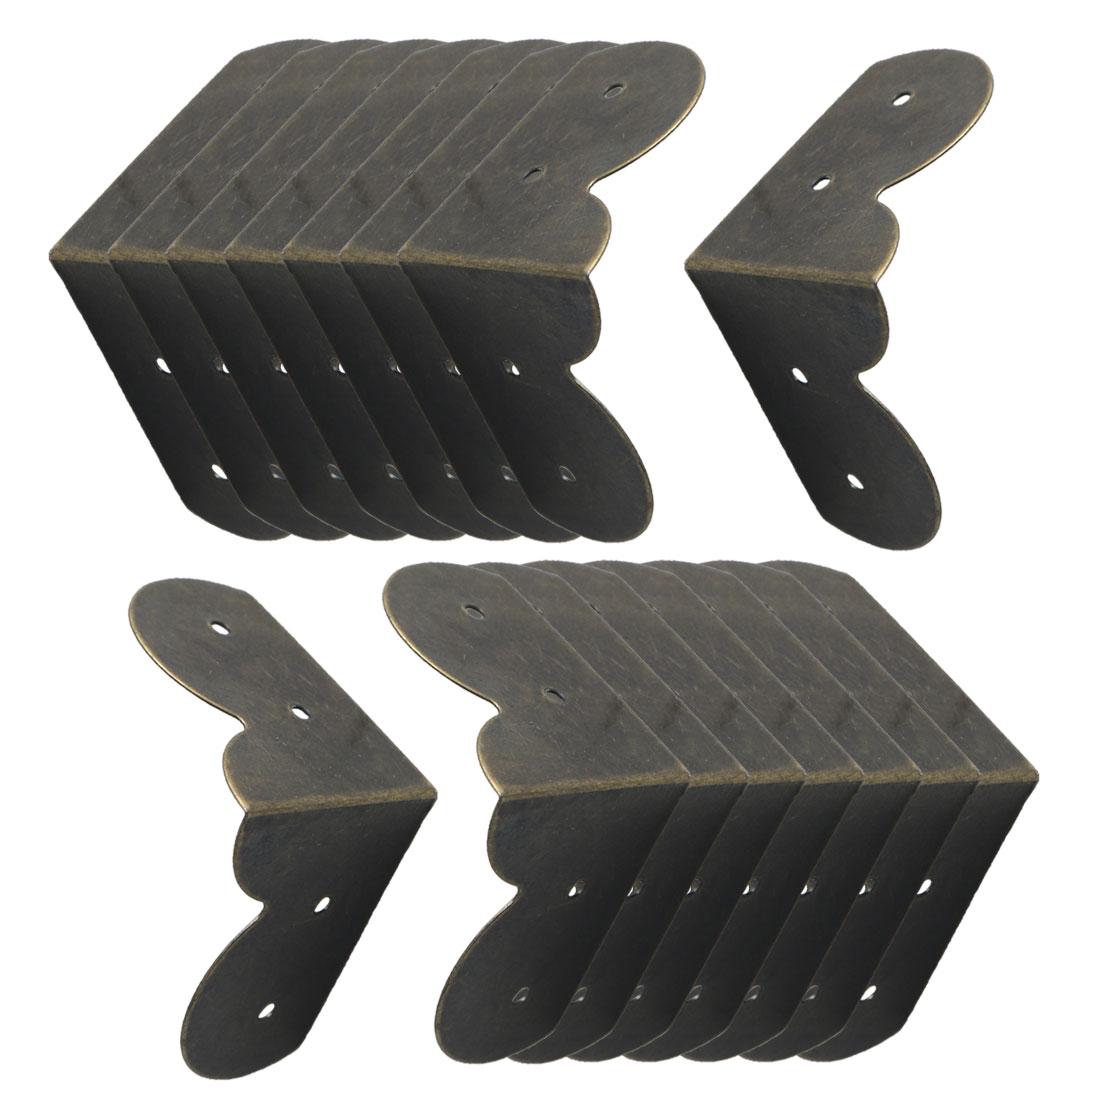 16pcs Box Corner Protectors Bronze Tone Guard Edge Cover Desk Box Corner Decor